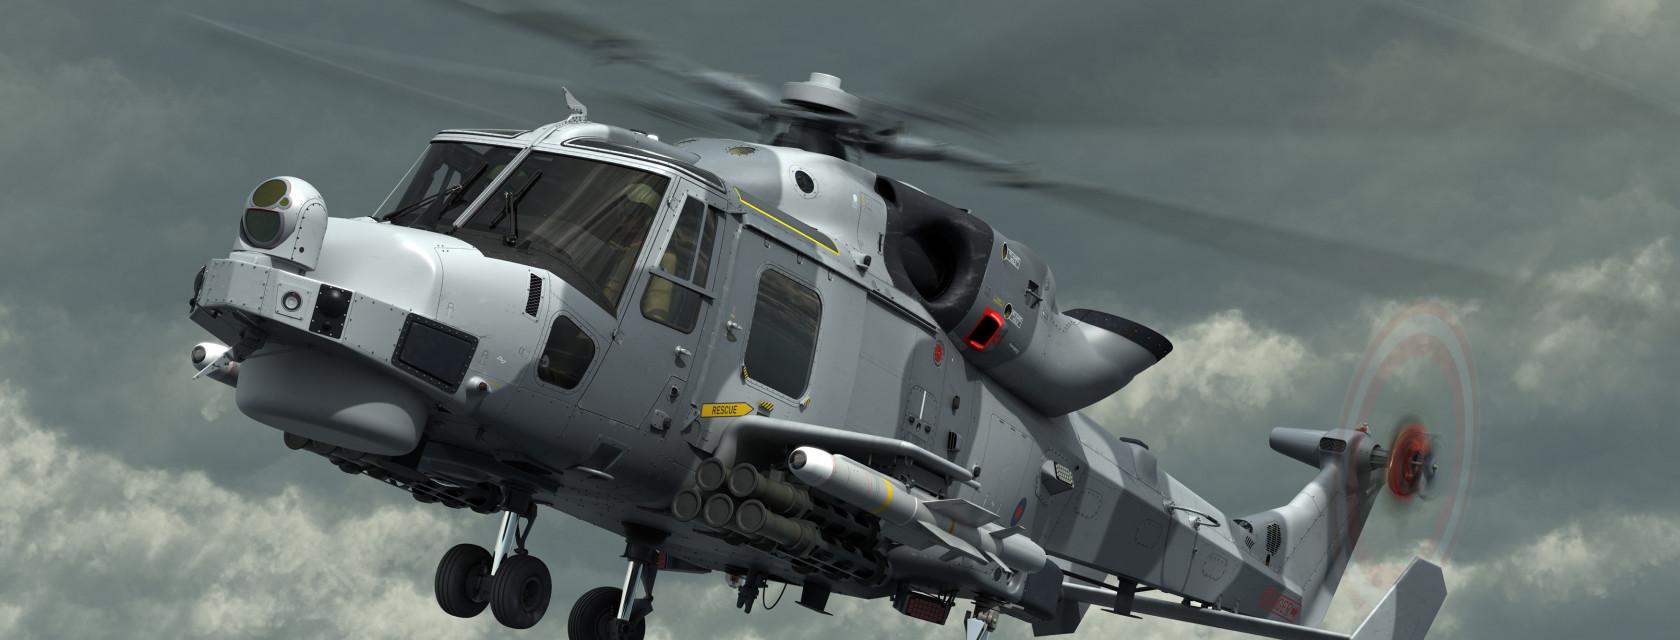 MBDA Sea Venom/ANL -monitoimiohjuksilla aseistettu AgustaWestland AW159 Wildcat -helikopteri.